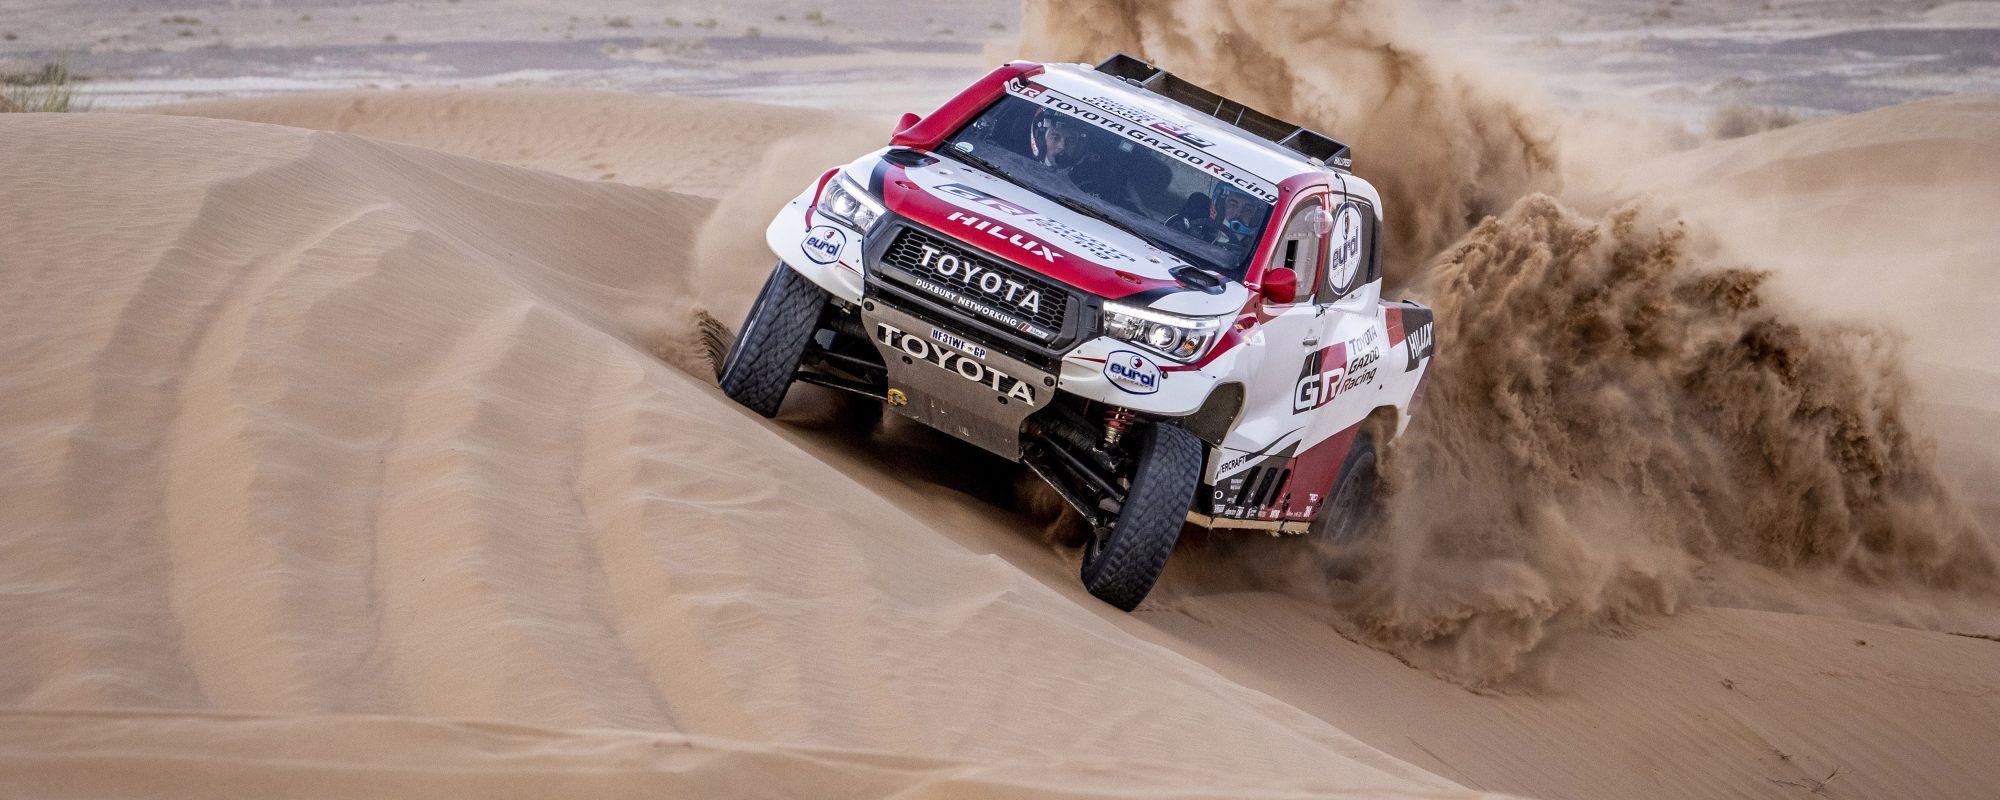 Toyota GAZOO Racing met rallygrootheden aan de start van de Rally van Marokko